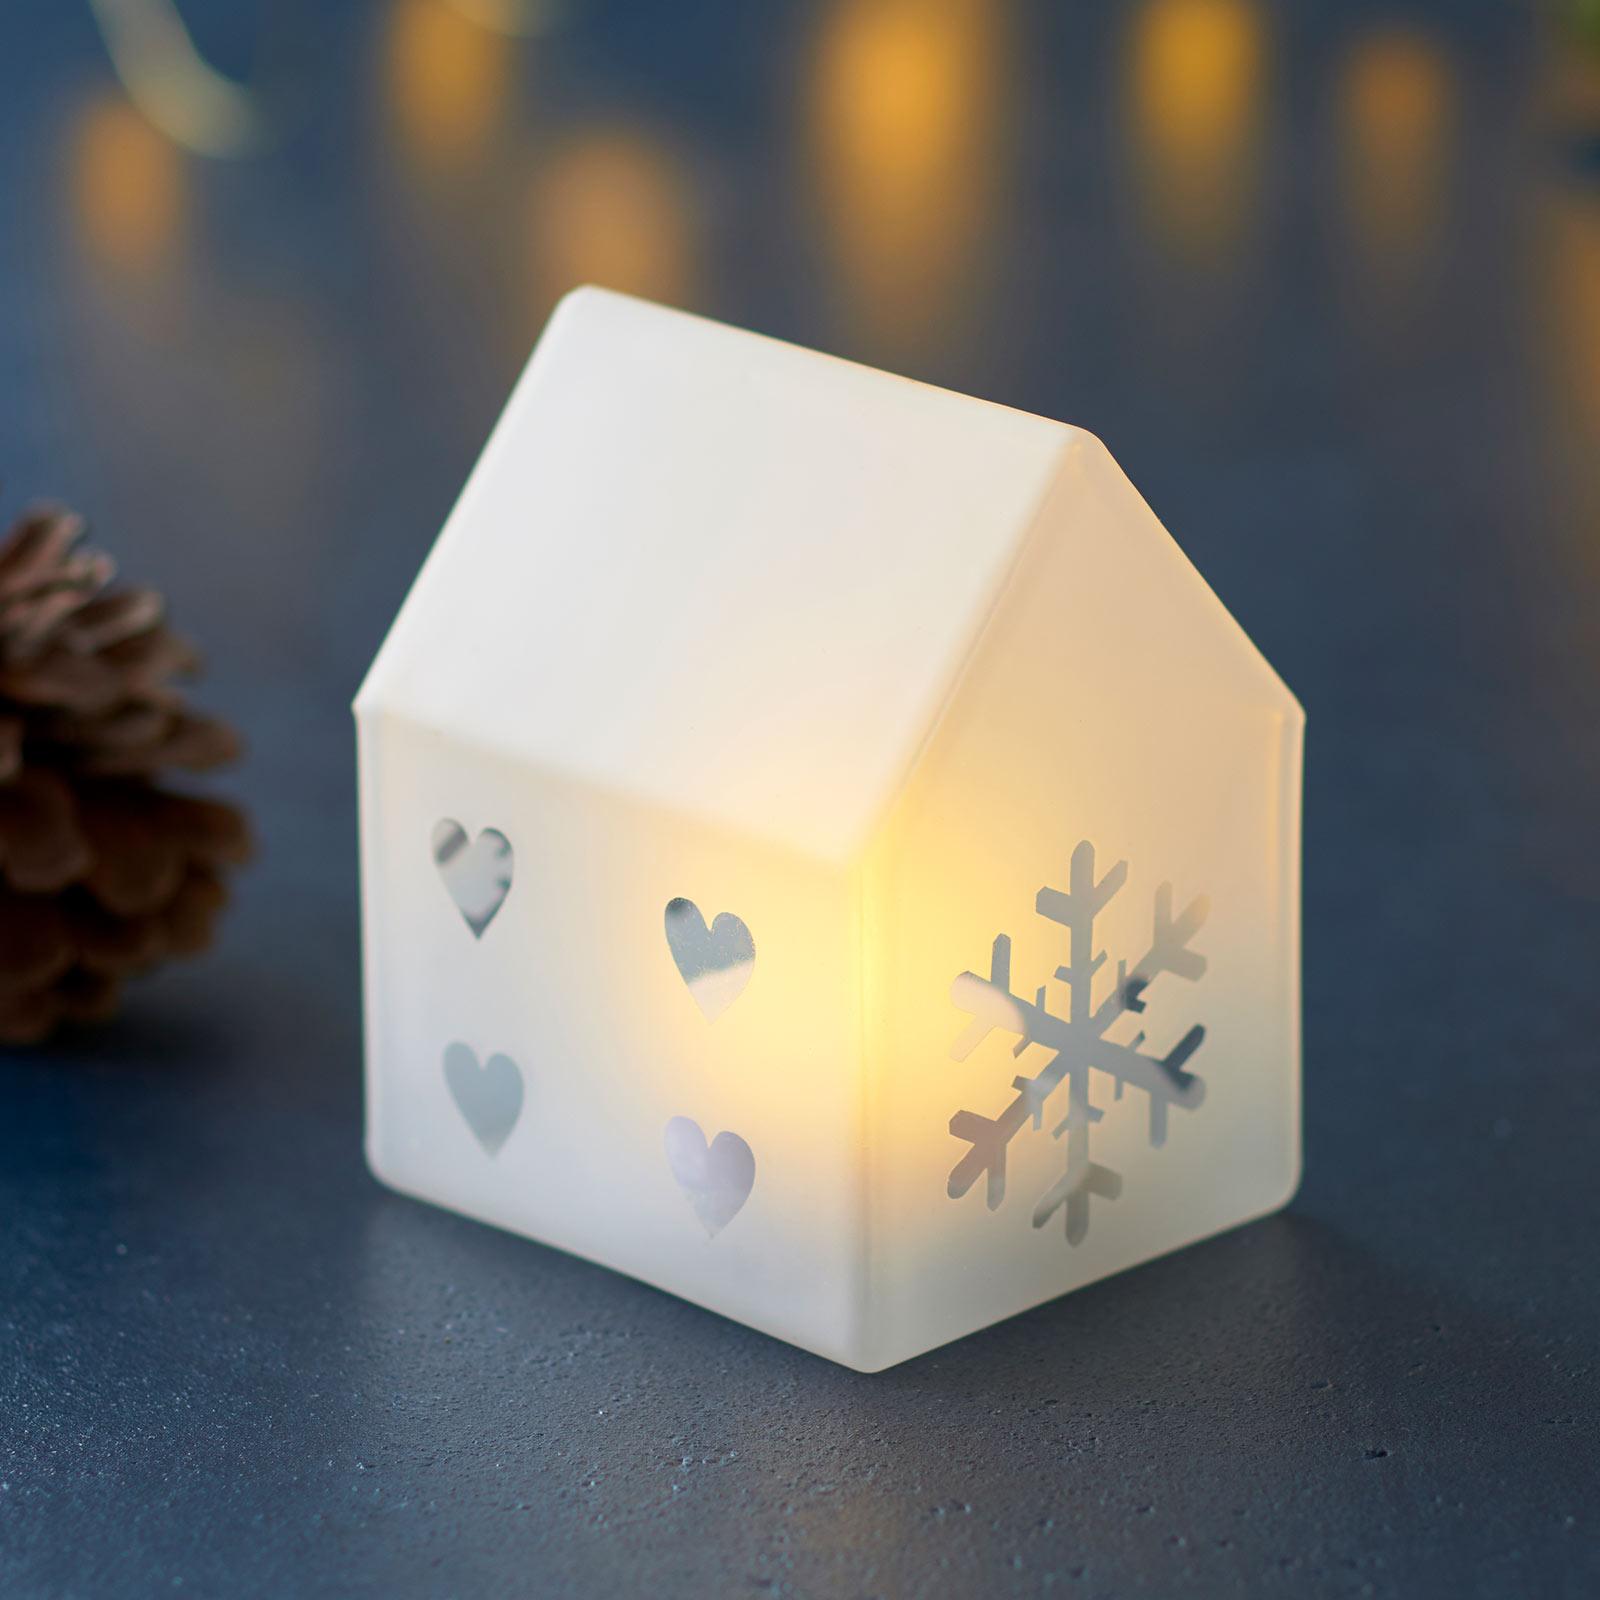 Lampe décorative LED Santa House, hauteur 8,5cm